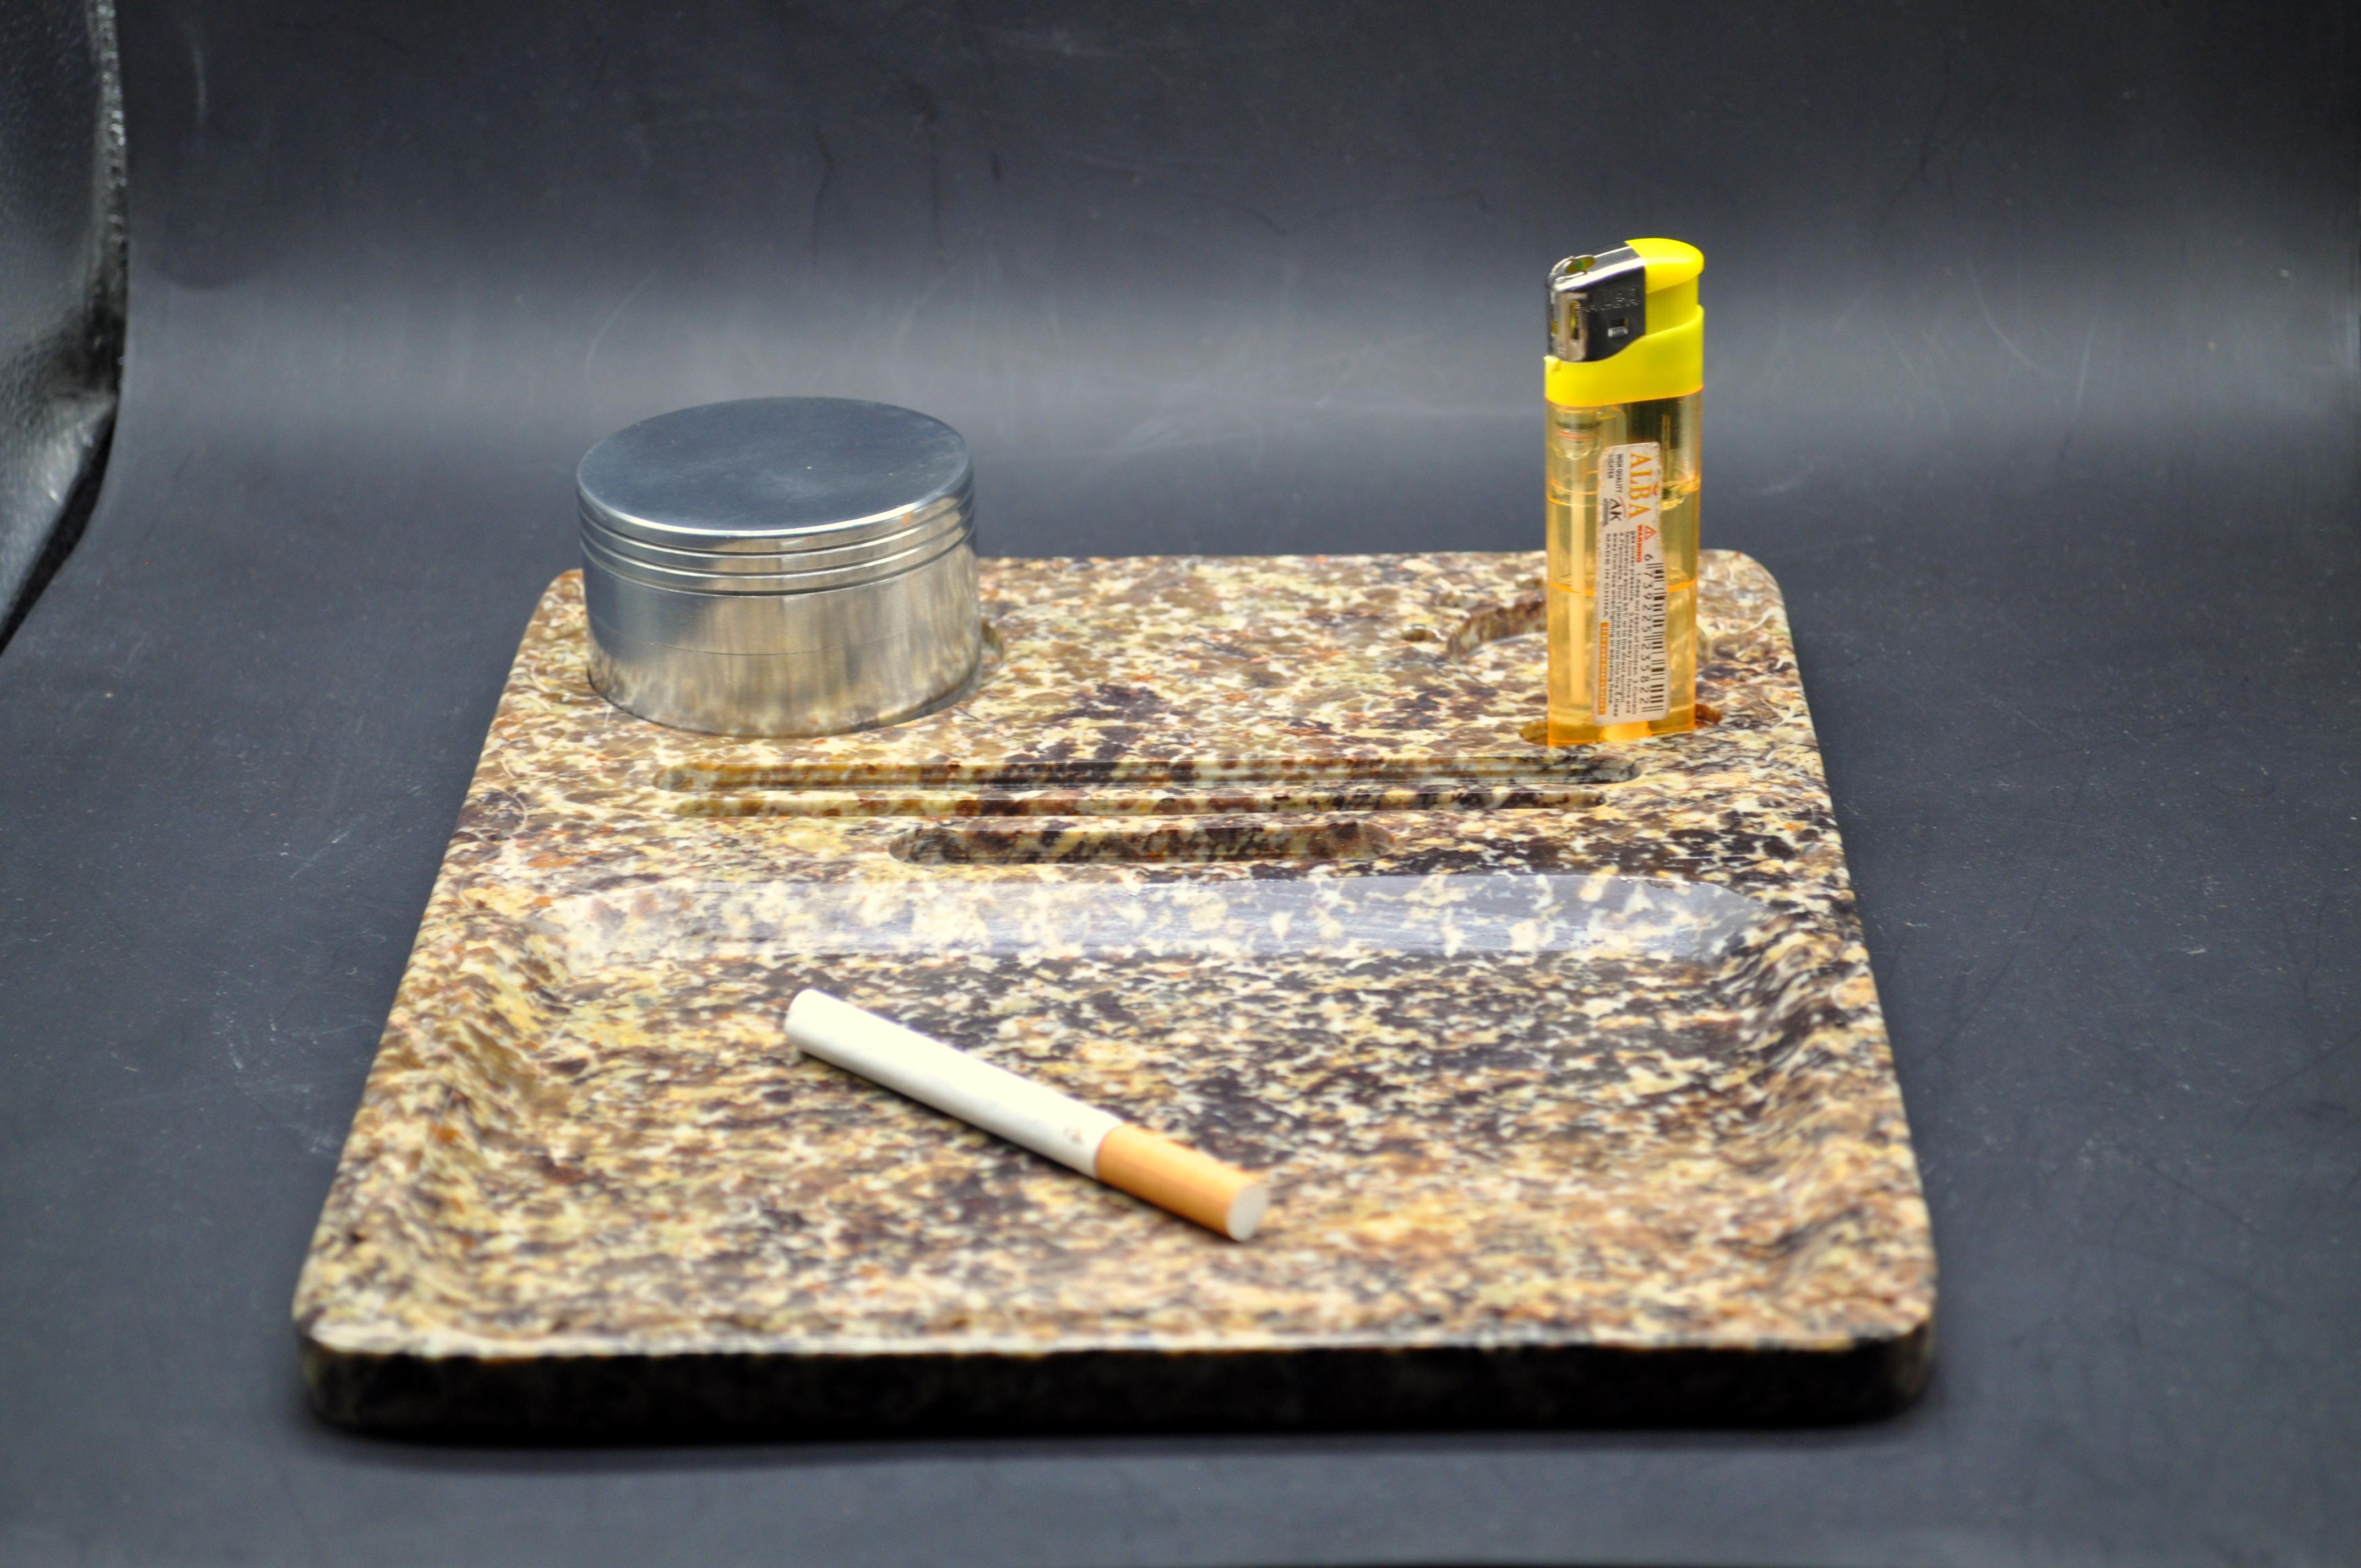 Rolling Trey Große Handgemachte Seifenstein Raucherpfeife / Bong / Handgestart Rauchergerät / Wasserpfeife / Löffel Rauchrohr Stoned Marke